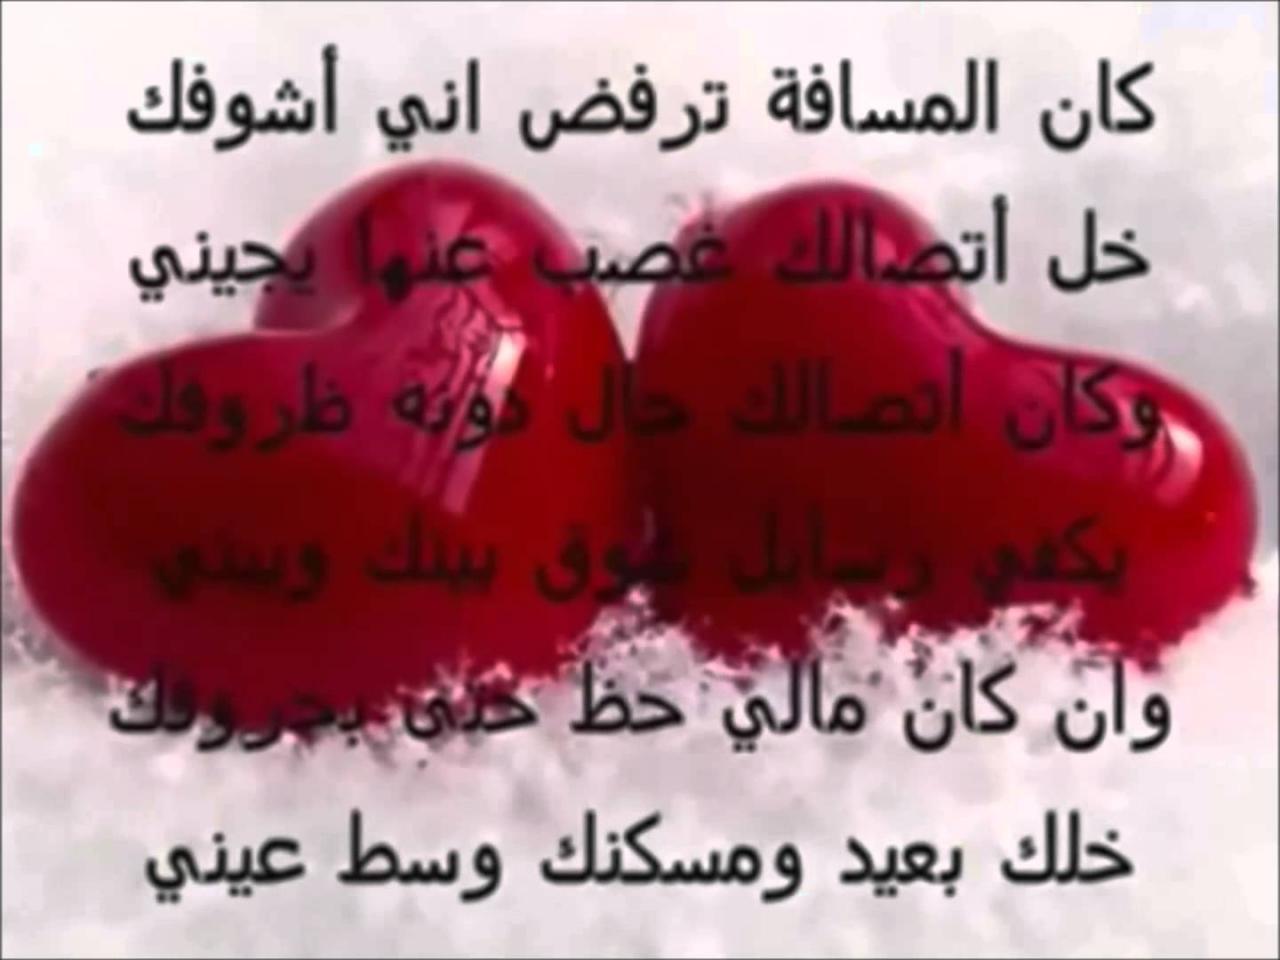 صورة كلام في الحب والعشق والغرام قصيره , كلمات معبرة عن الاشواق الكبيرة 735 2